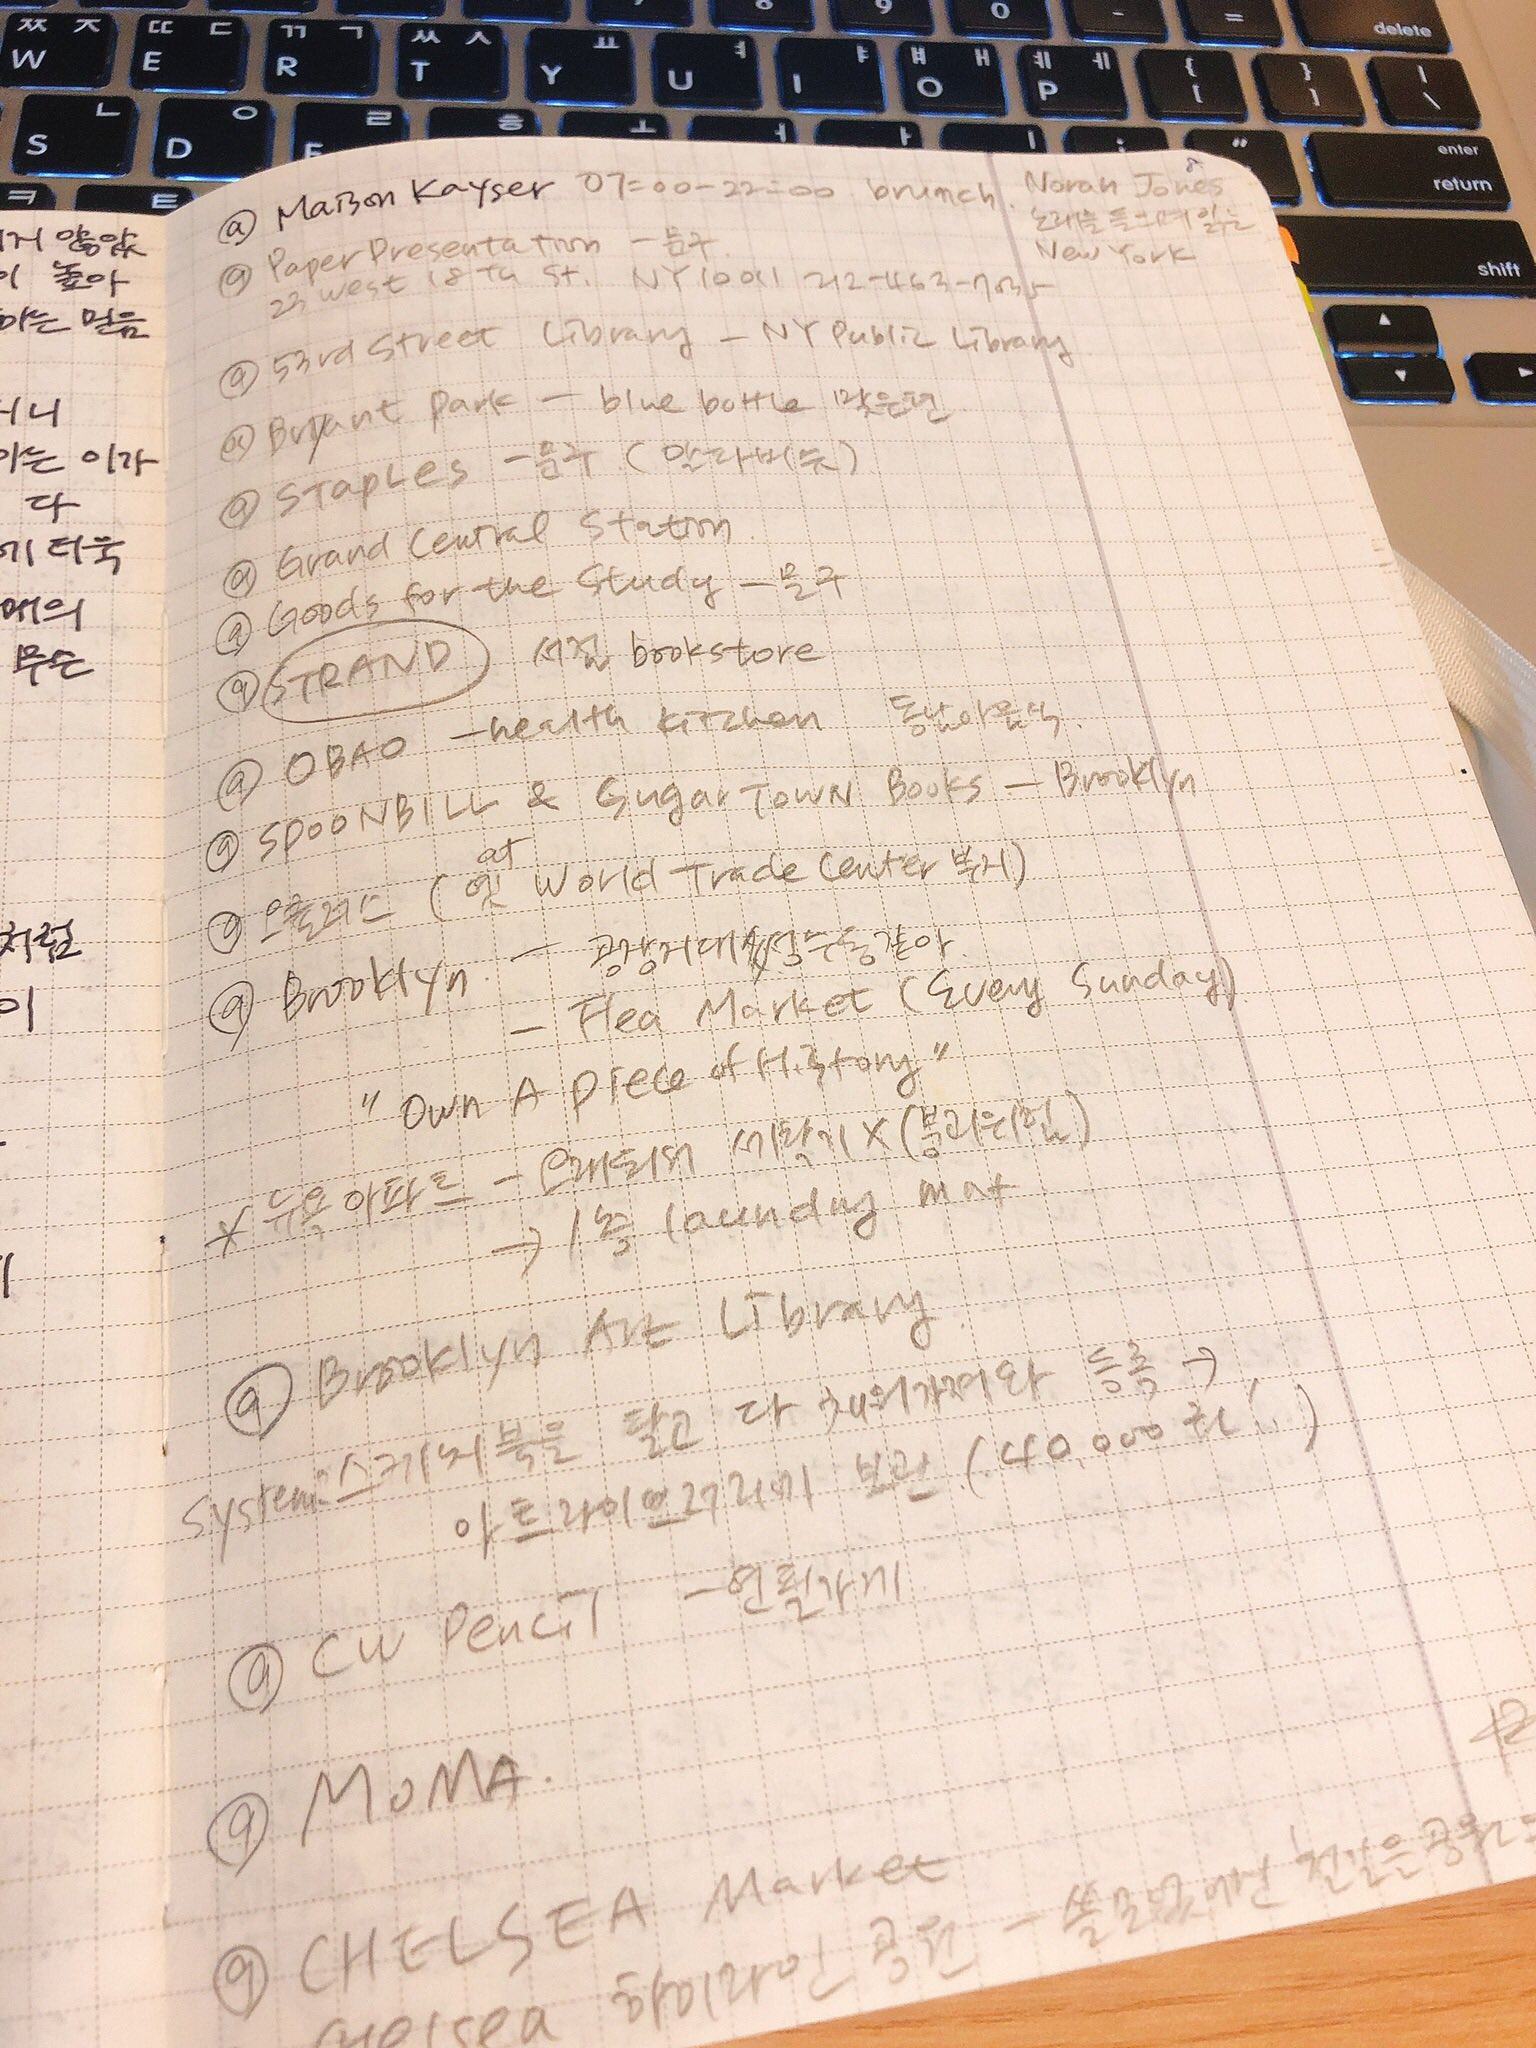 책에서 뽑은 문구점 리스트